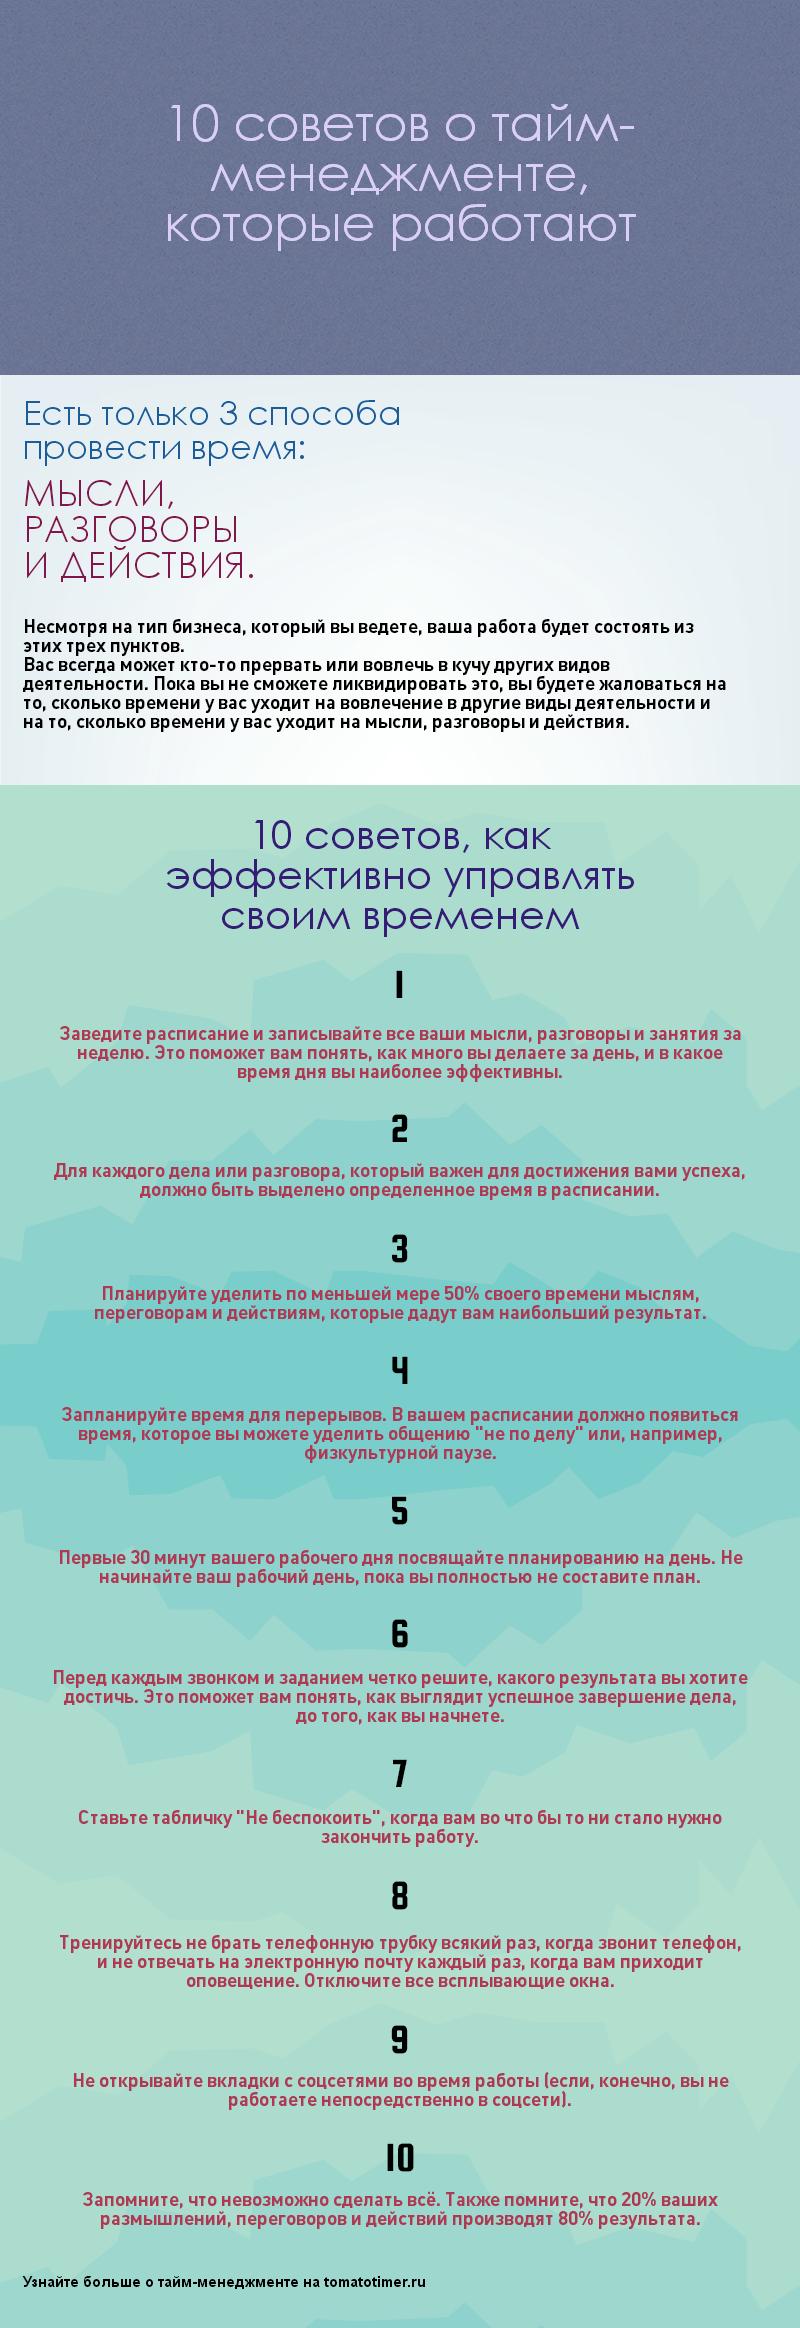 тайм-менеджмент: 10 эффективных советов